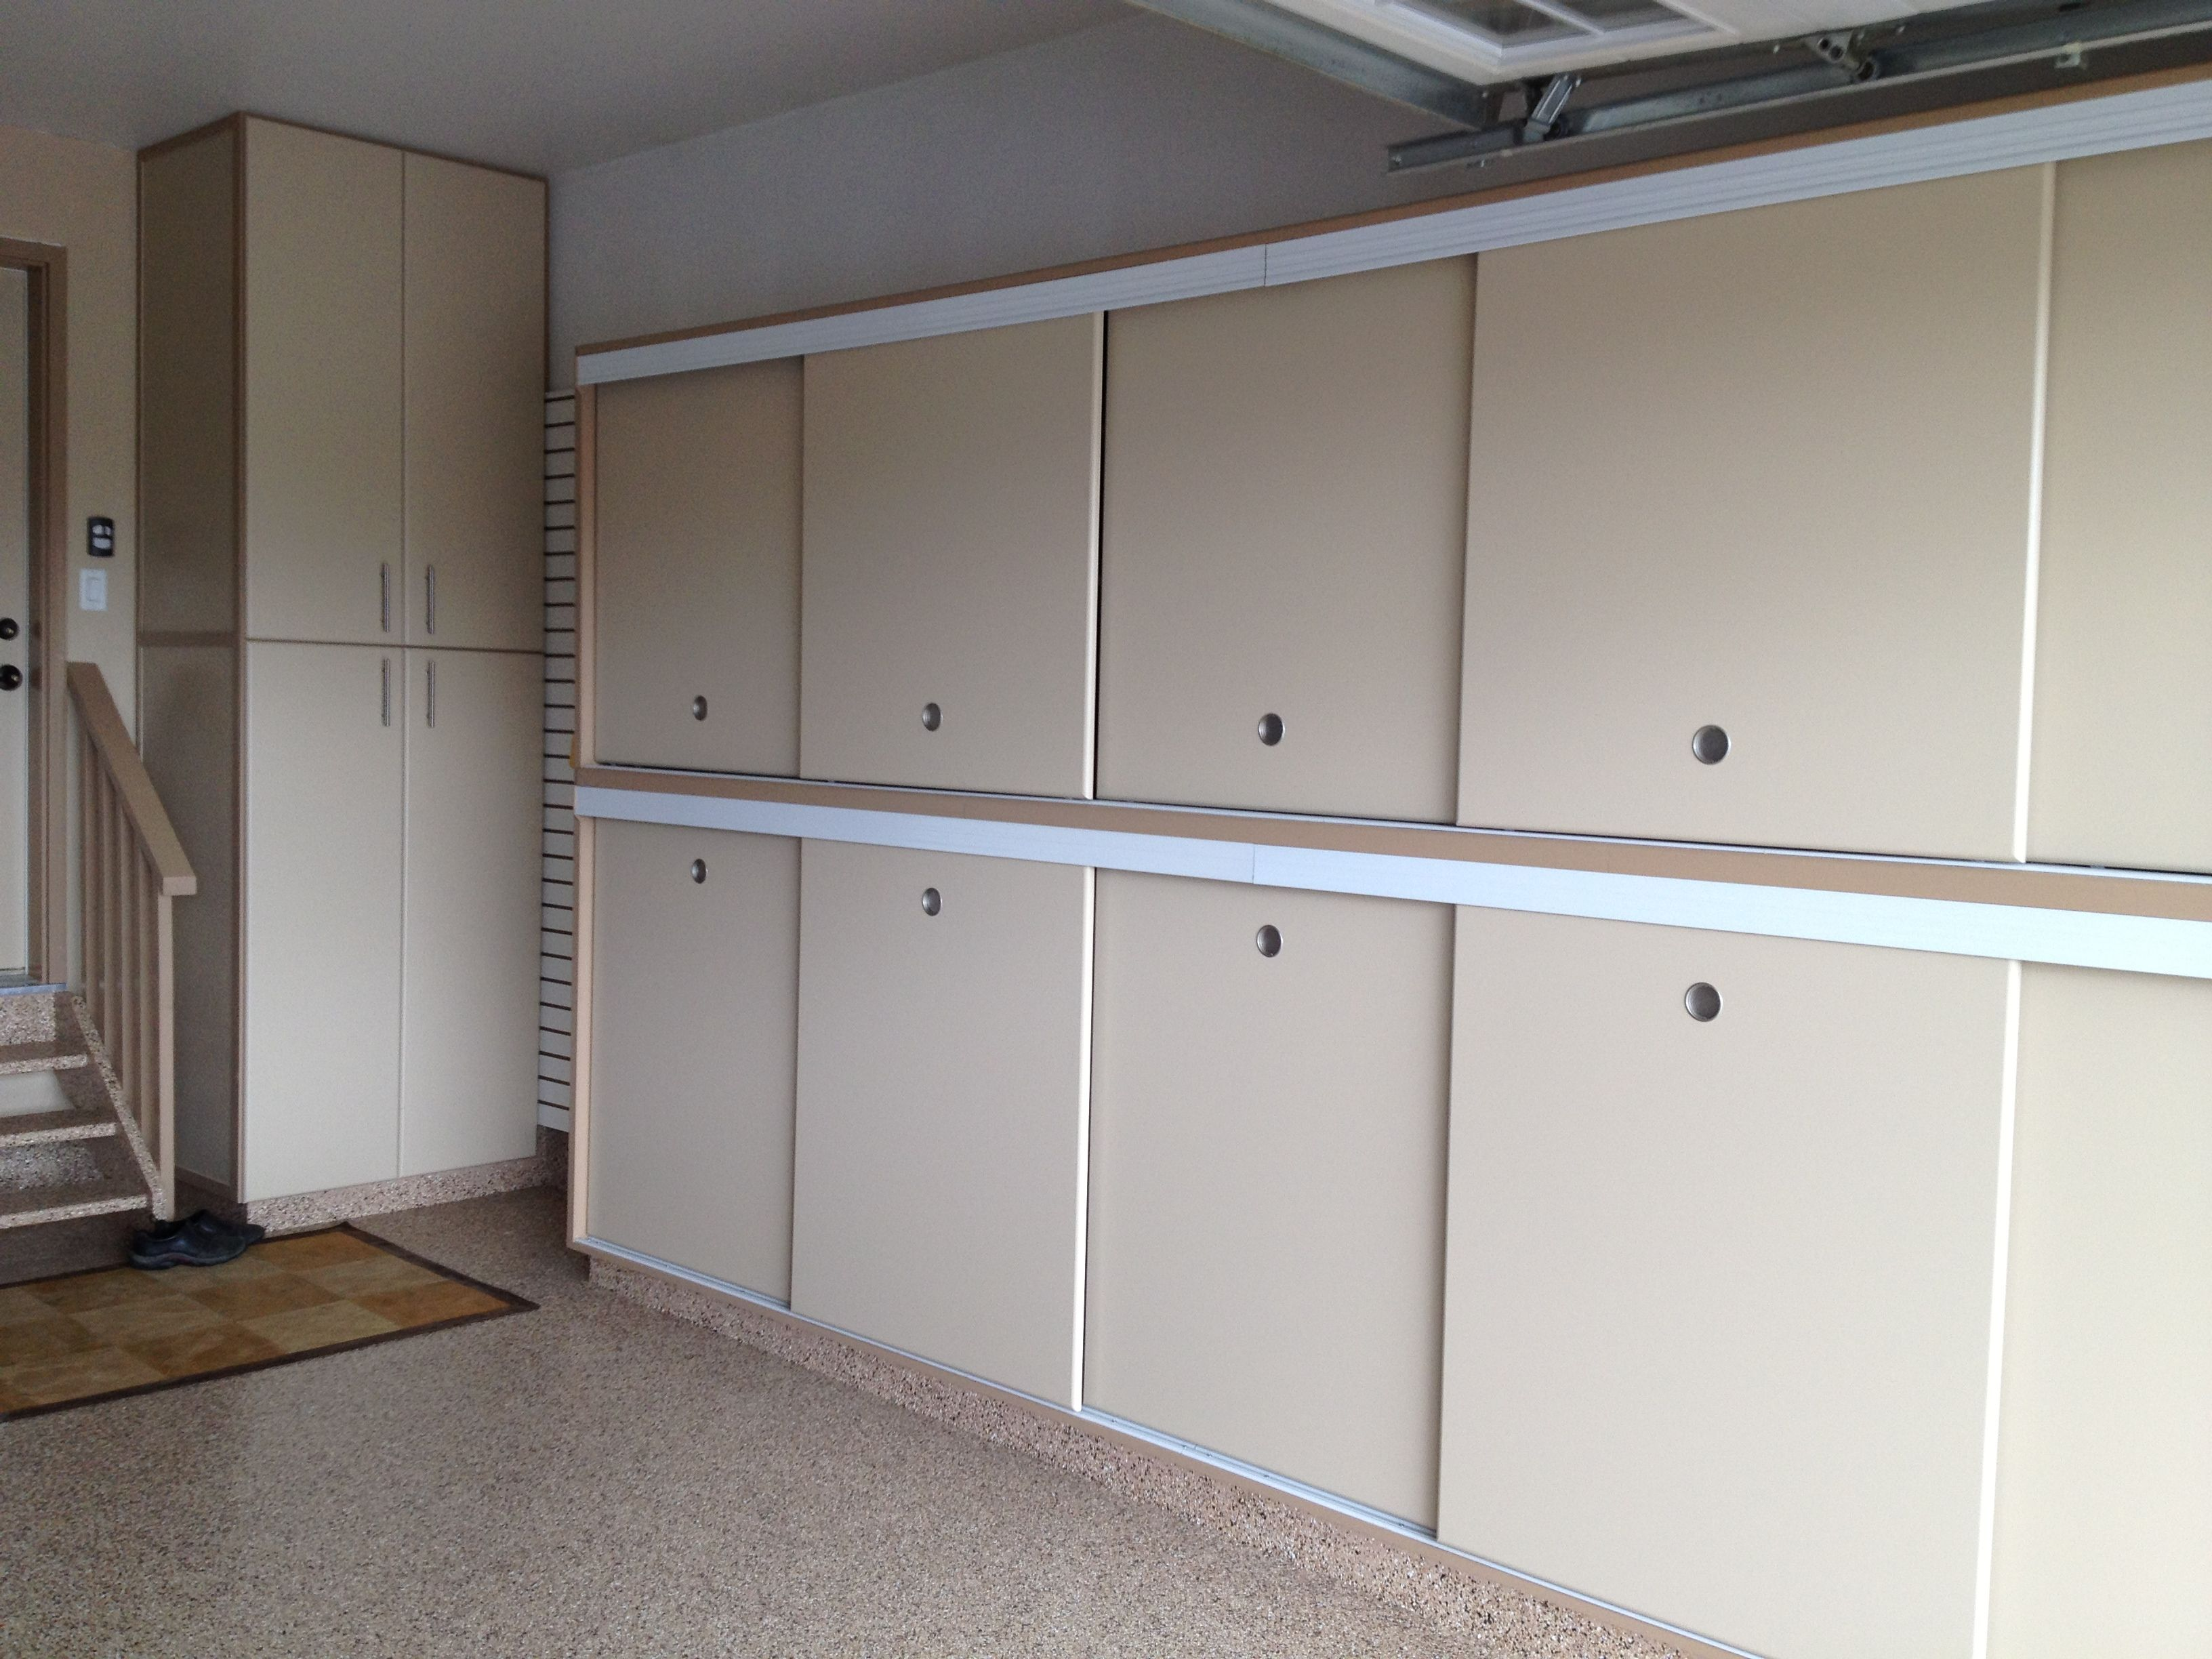 With Doors Garage Diy Storage Cabinets Garage Storage Cabinets